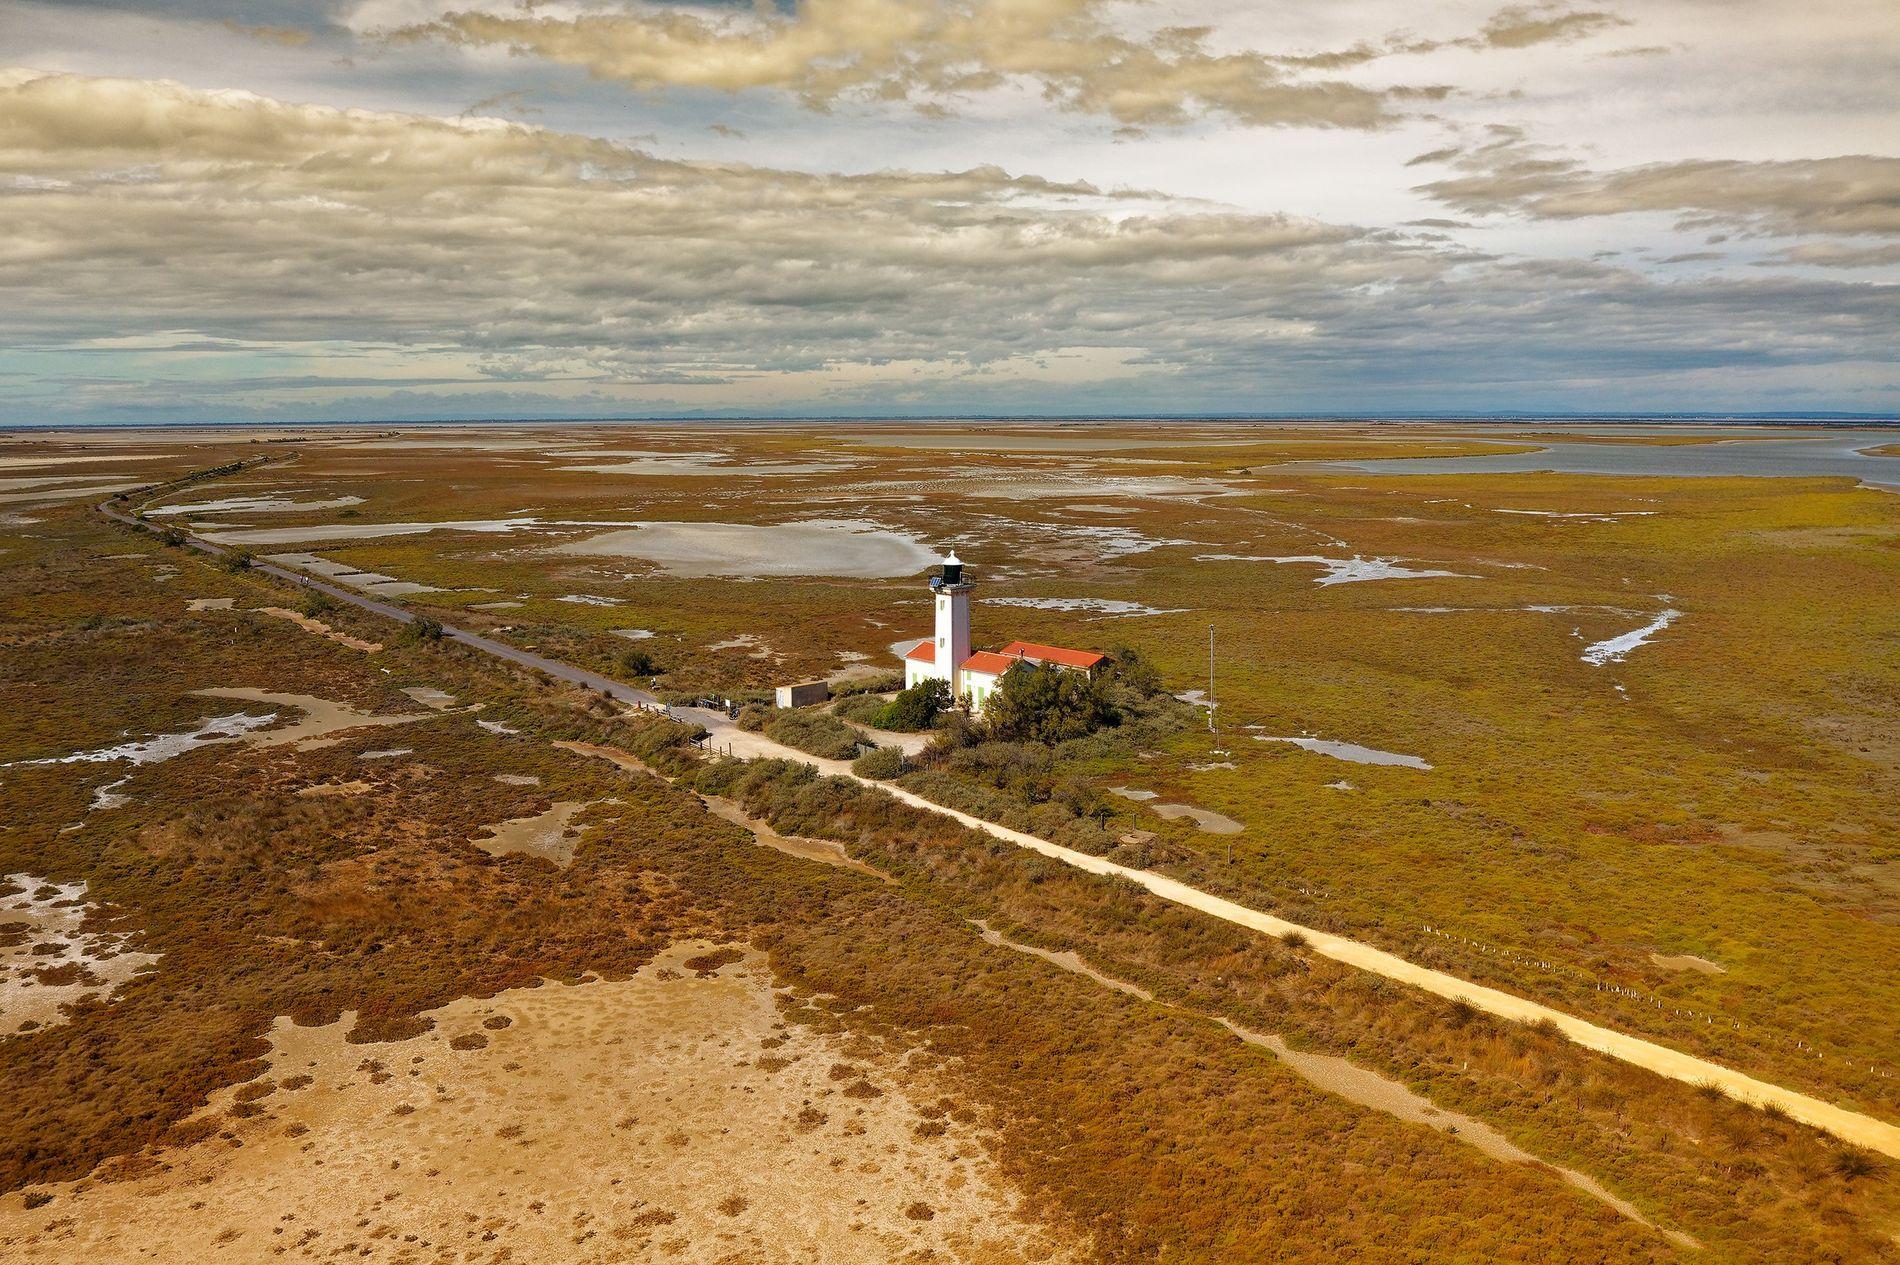 Le Phare de la Gacholle et la digue reliant les Saintes-Maries-de-la-Mer au Salin de Giraud, en ...